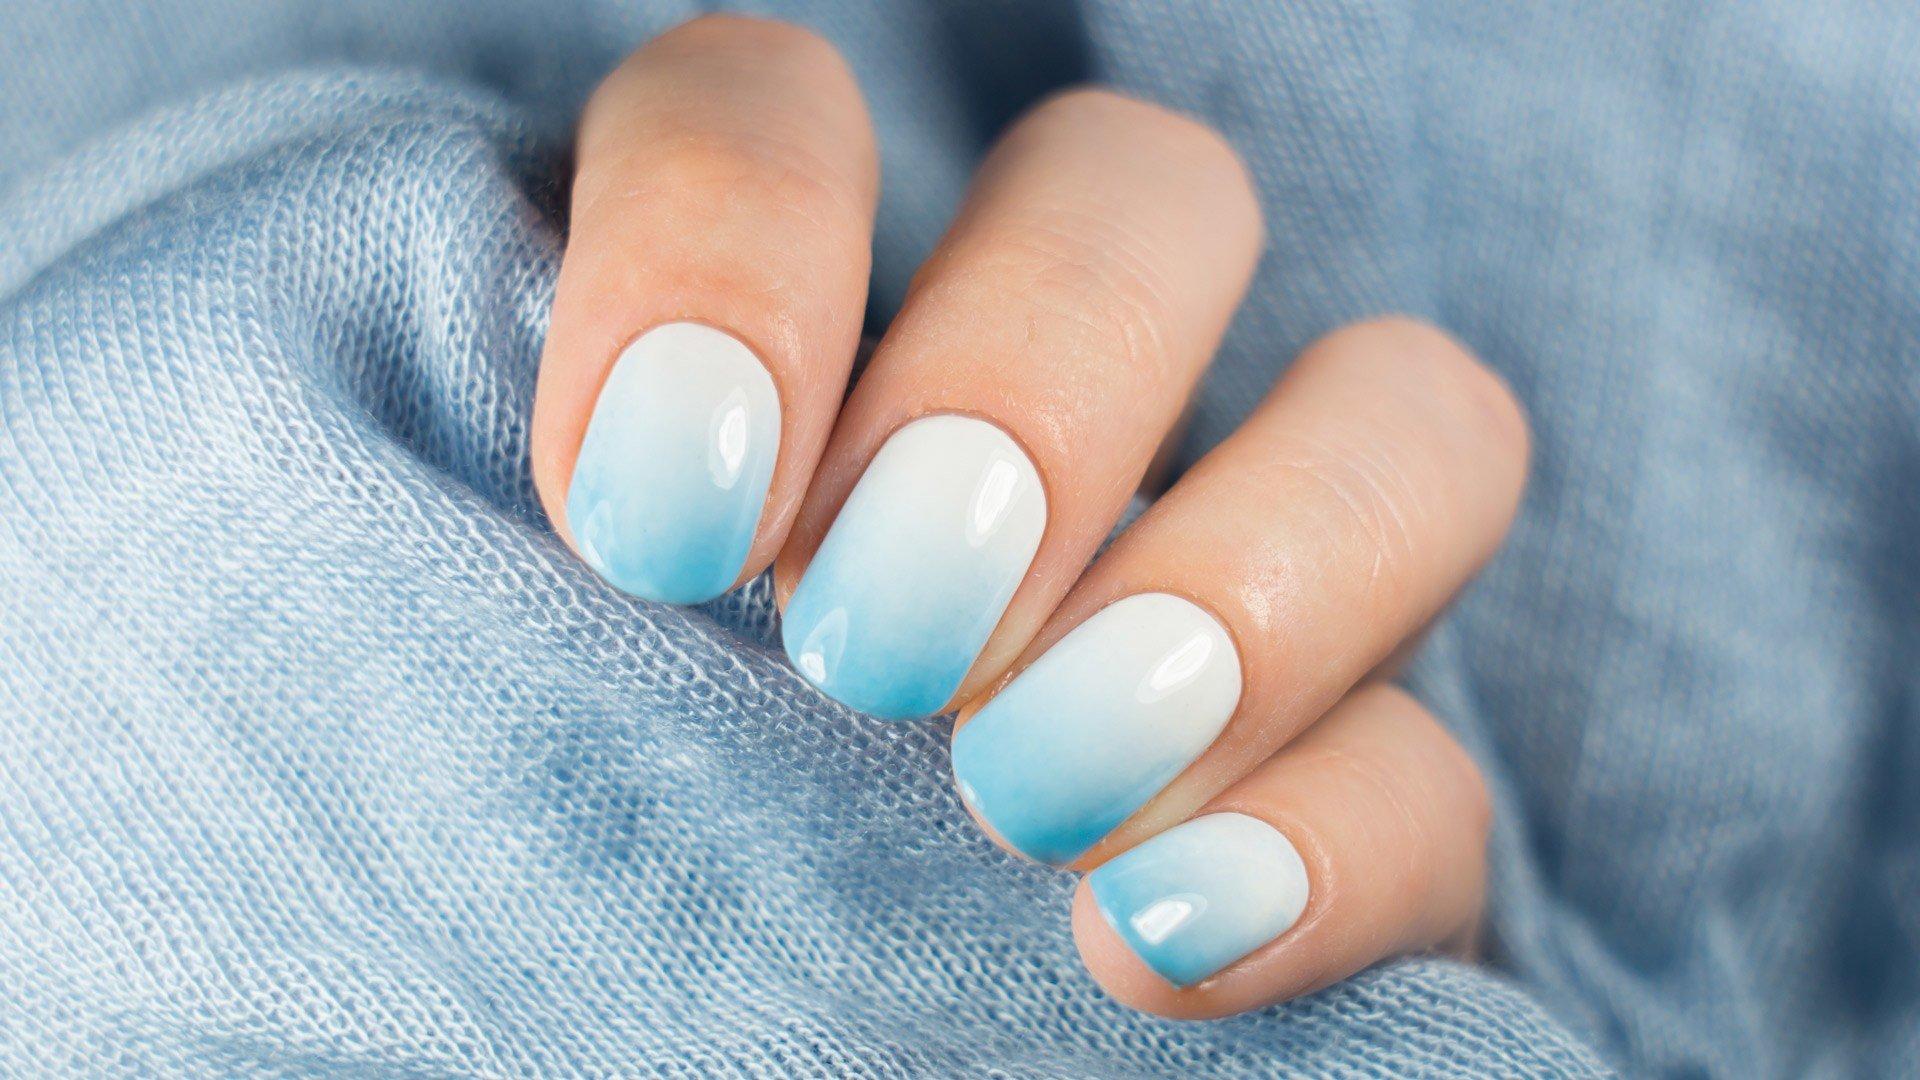 себя картинки ногтей простой дизайн голубые тона зарабатывает рекламе инстаграм